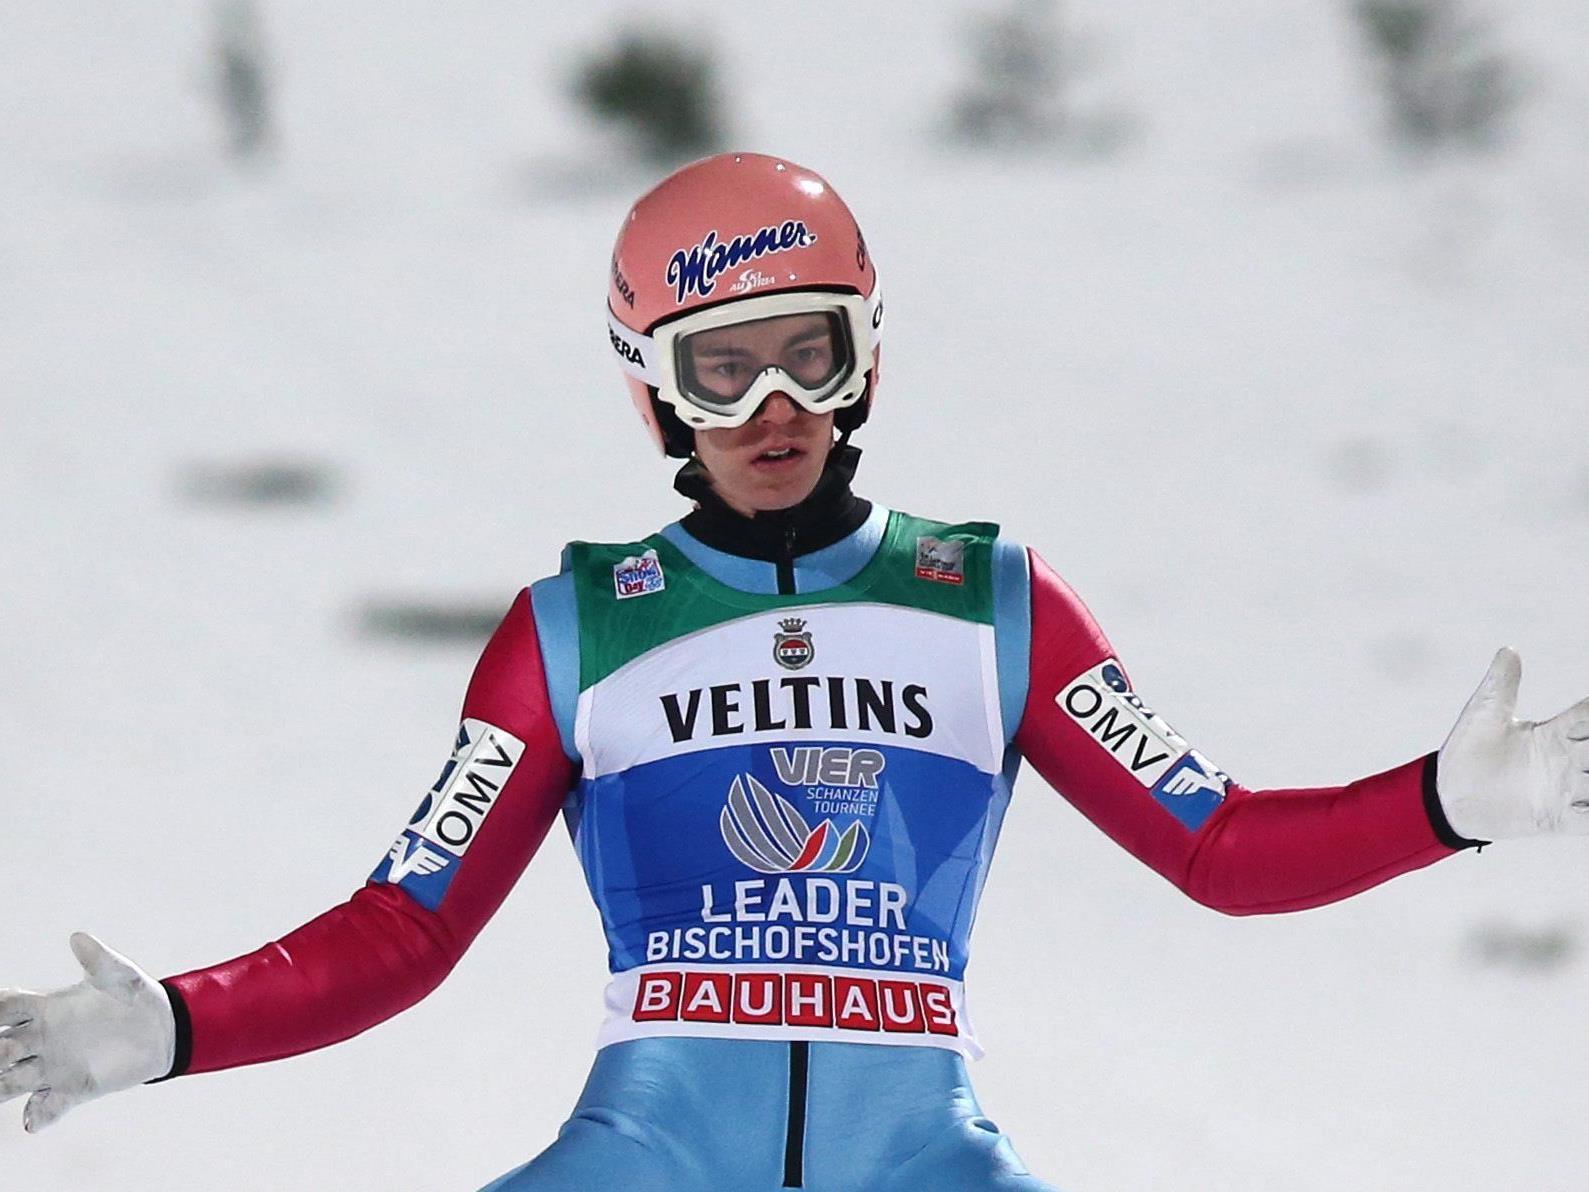 Salzburger drei Jahre nach Weltcup-Debüt auf Heimschanze Tourneesieger.